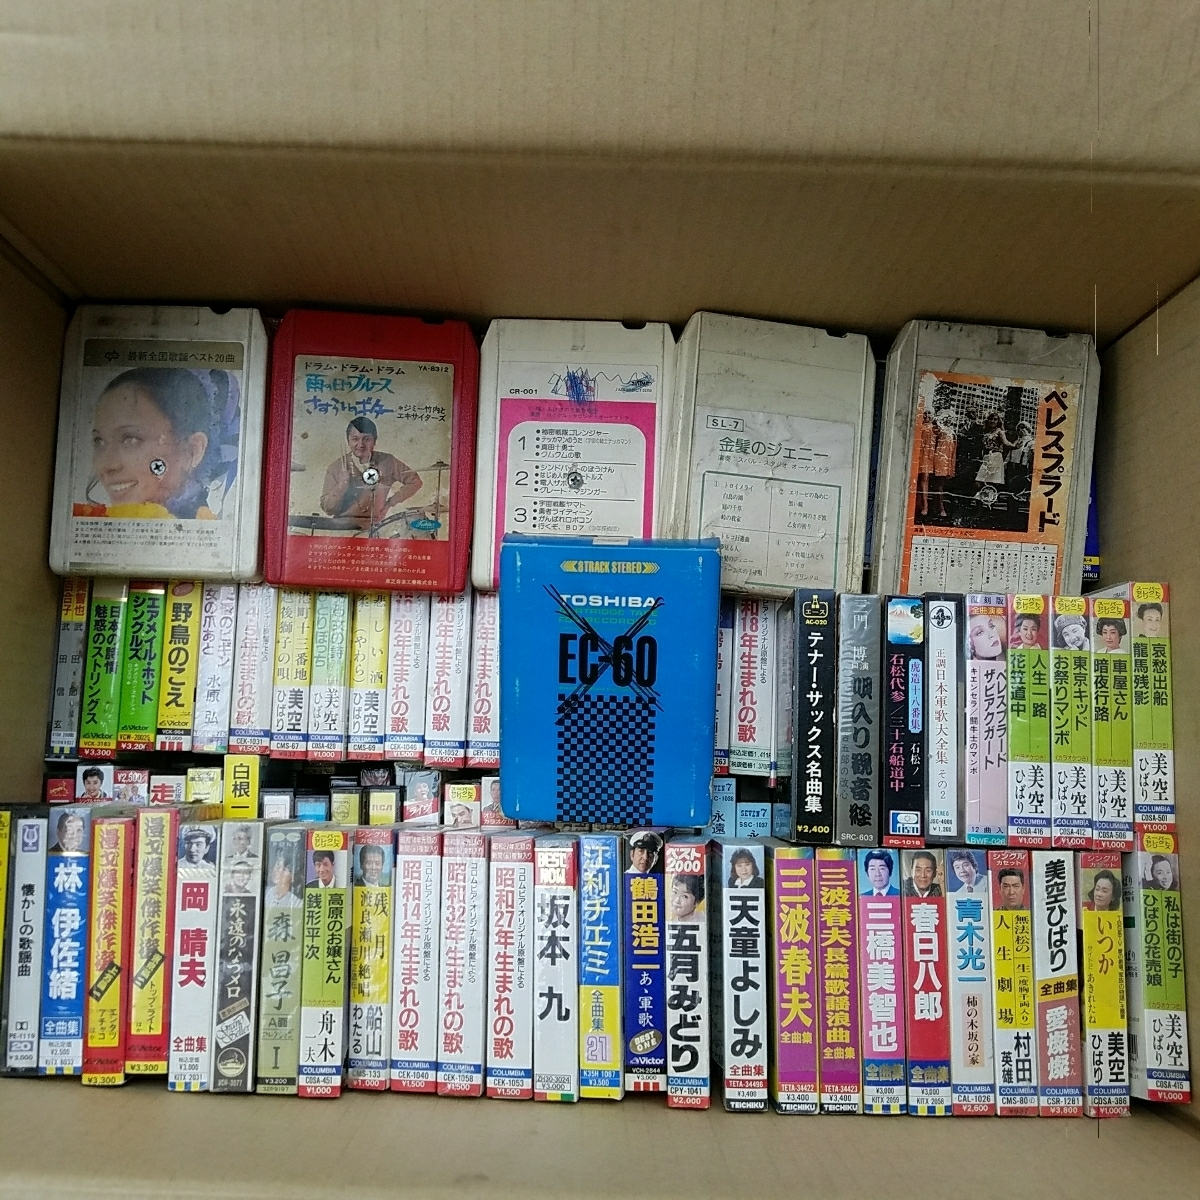 【大量】 240本 お買い得 カセットテープ まとめて まとめ まとめ売り 主に 演歌 美空ひばり _画像3